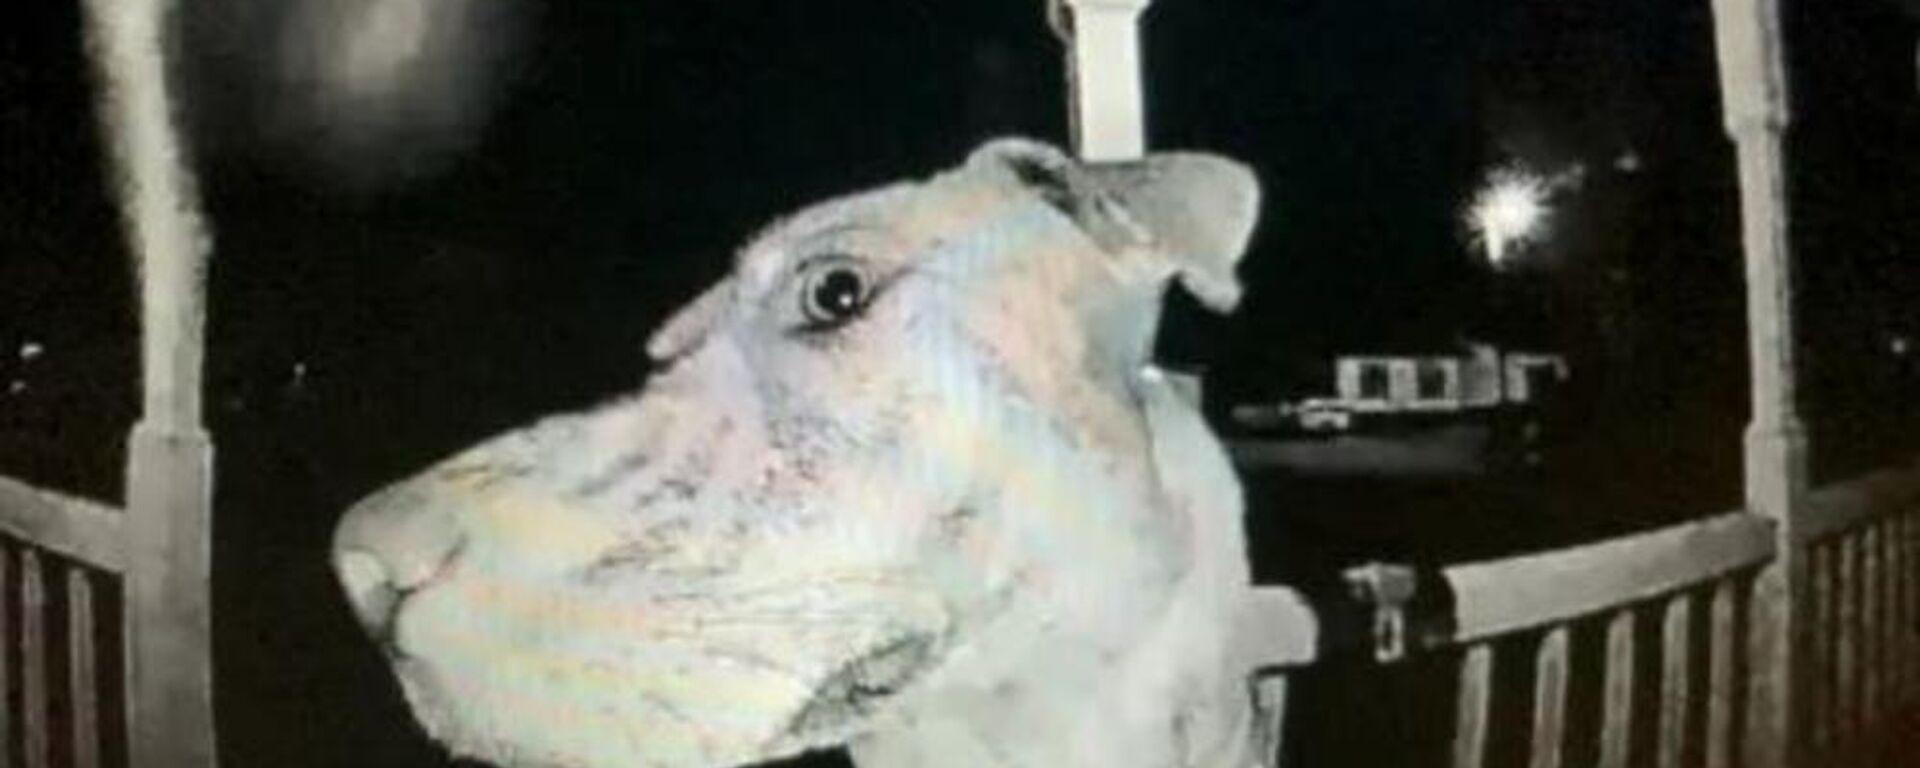 Εξαφανισμένη σκυλίτσα γυρνάει σπίτι τα χαράματα και χτυπάει το κουδούνι - Sputnik Ελλάδα, 1920, 03.07.2021